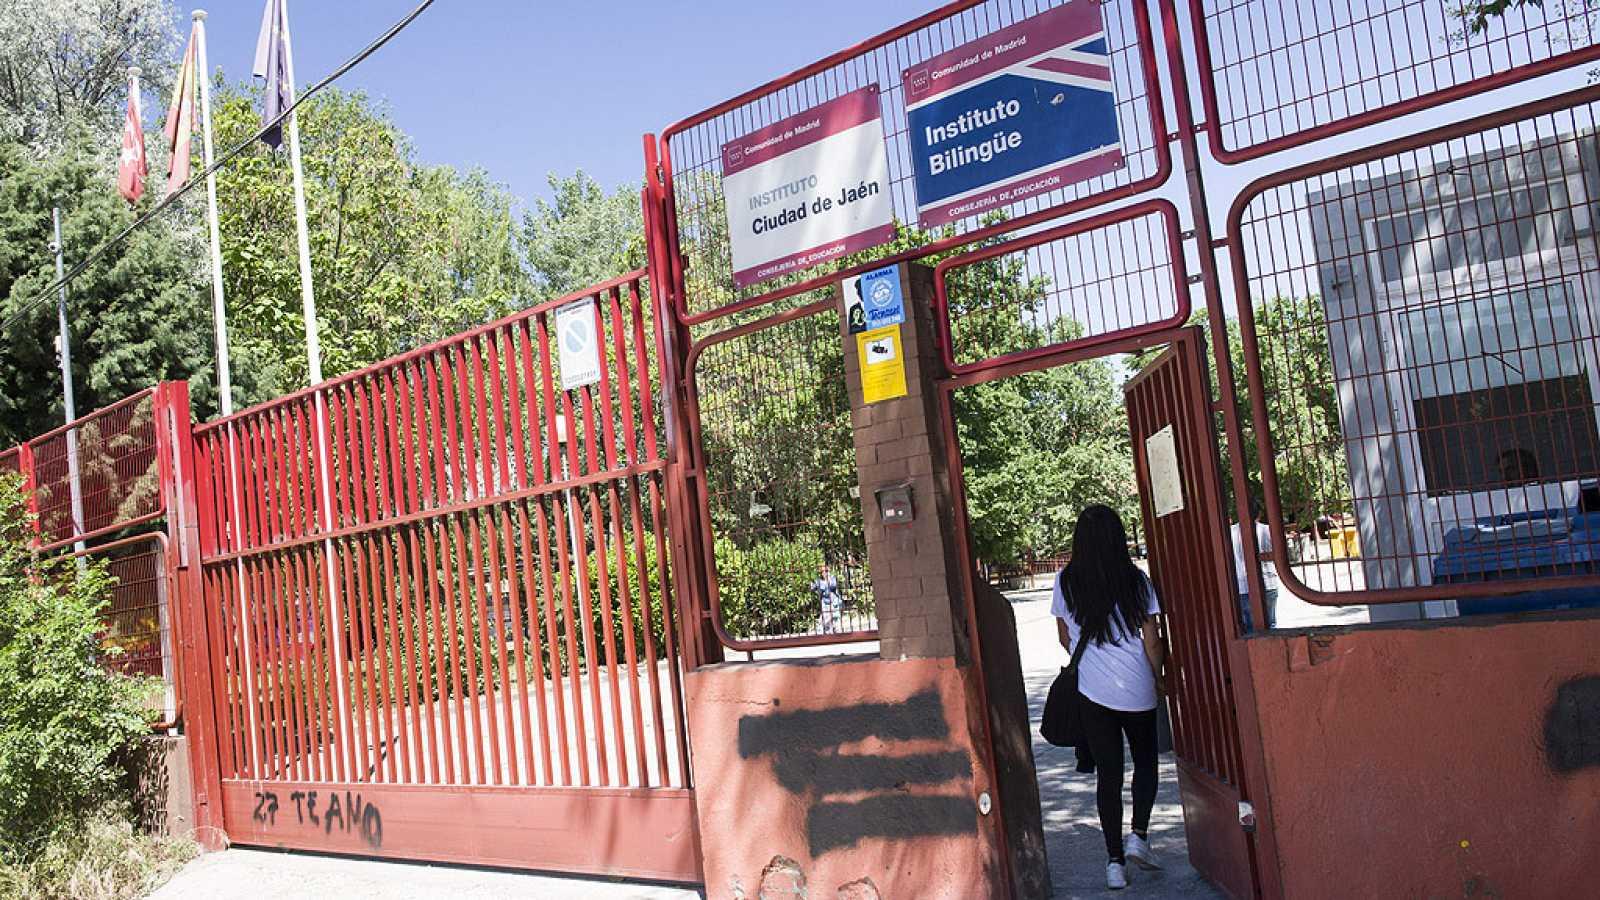 Dos menores imputados por el caso de la chica que se quitó la vida tras sufrir acoso escolar